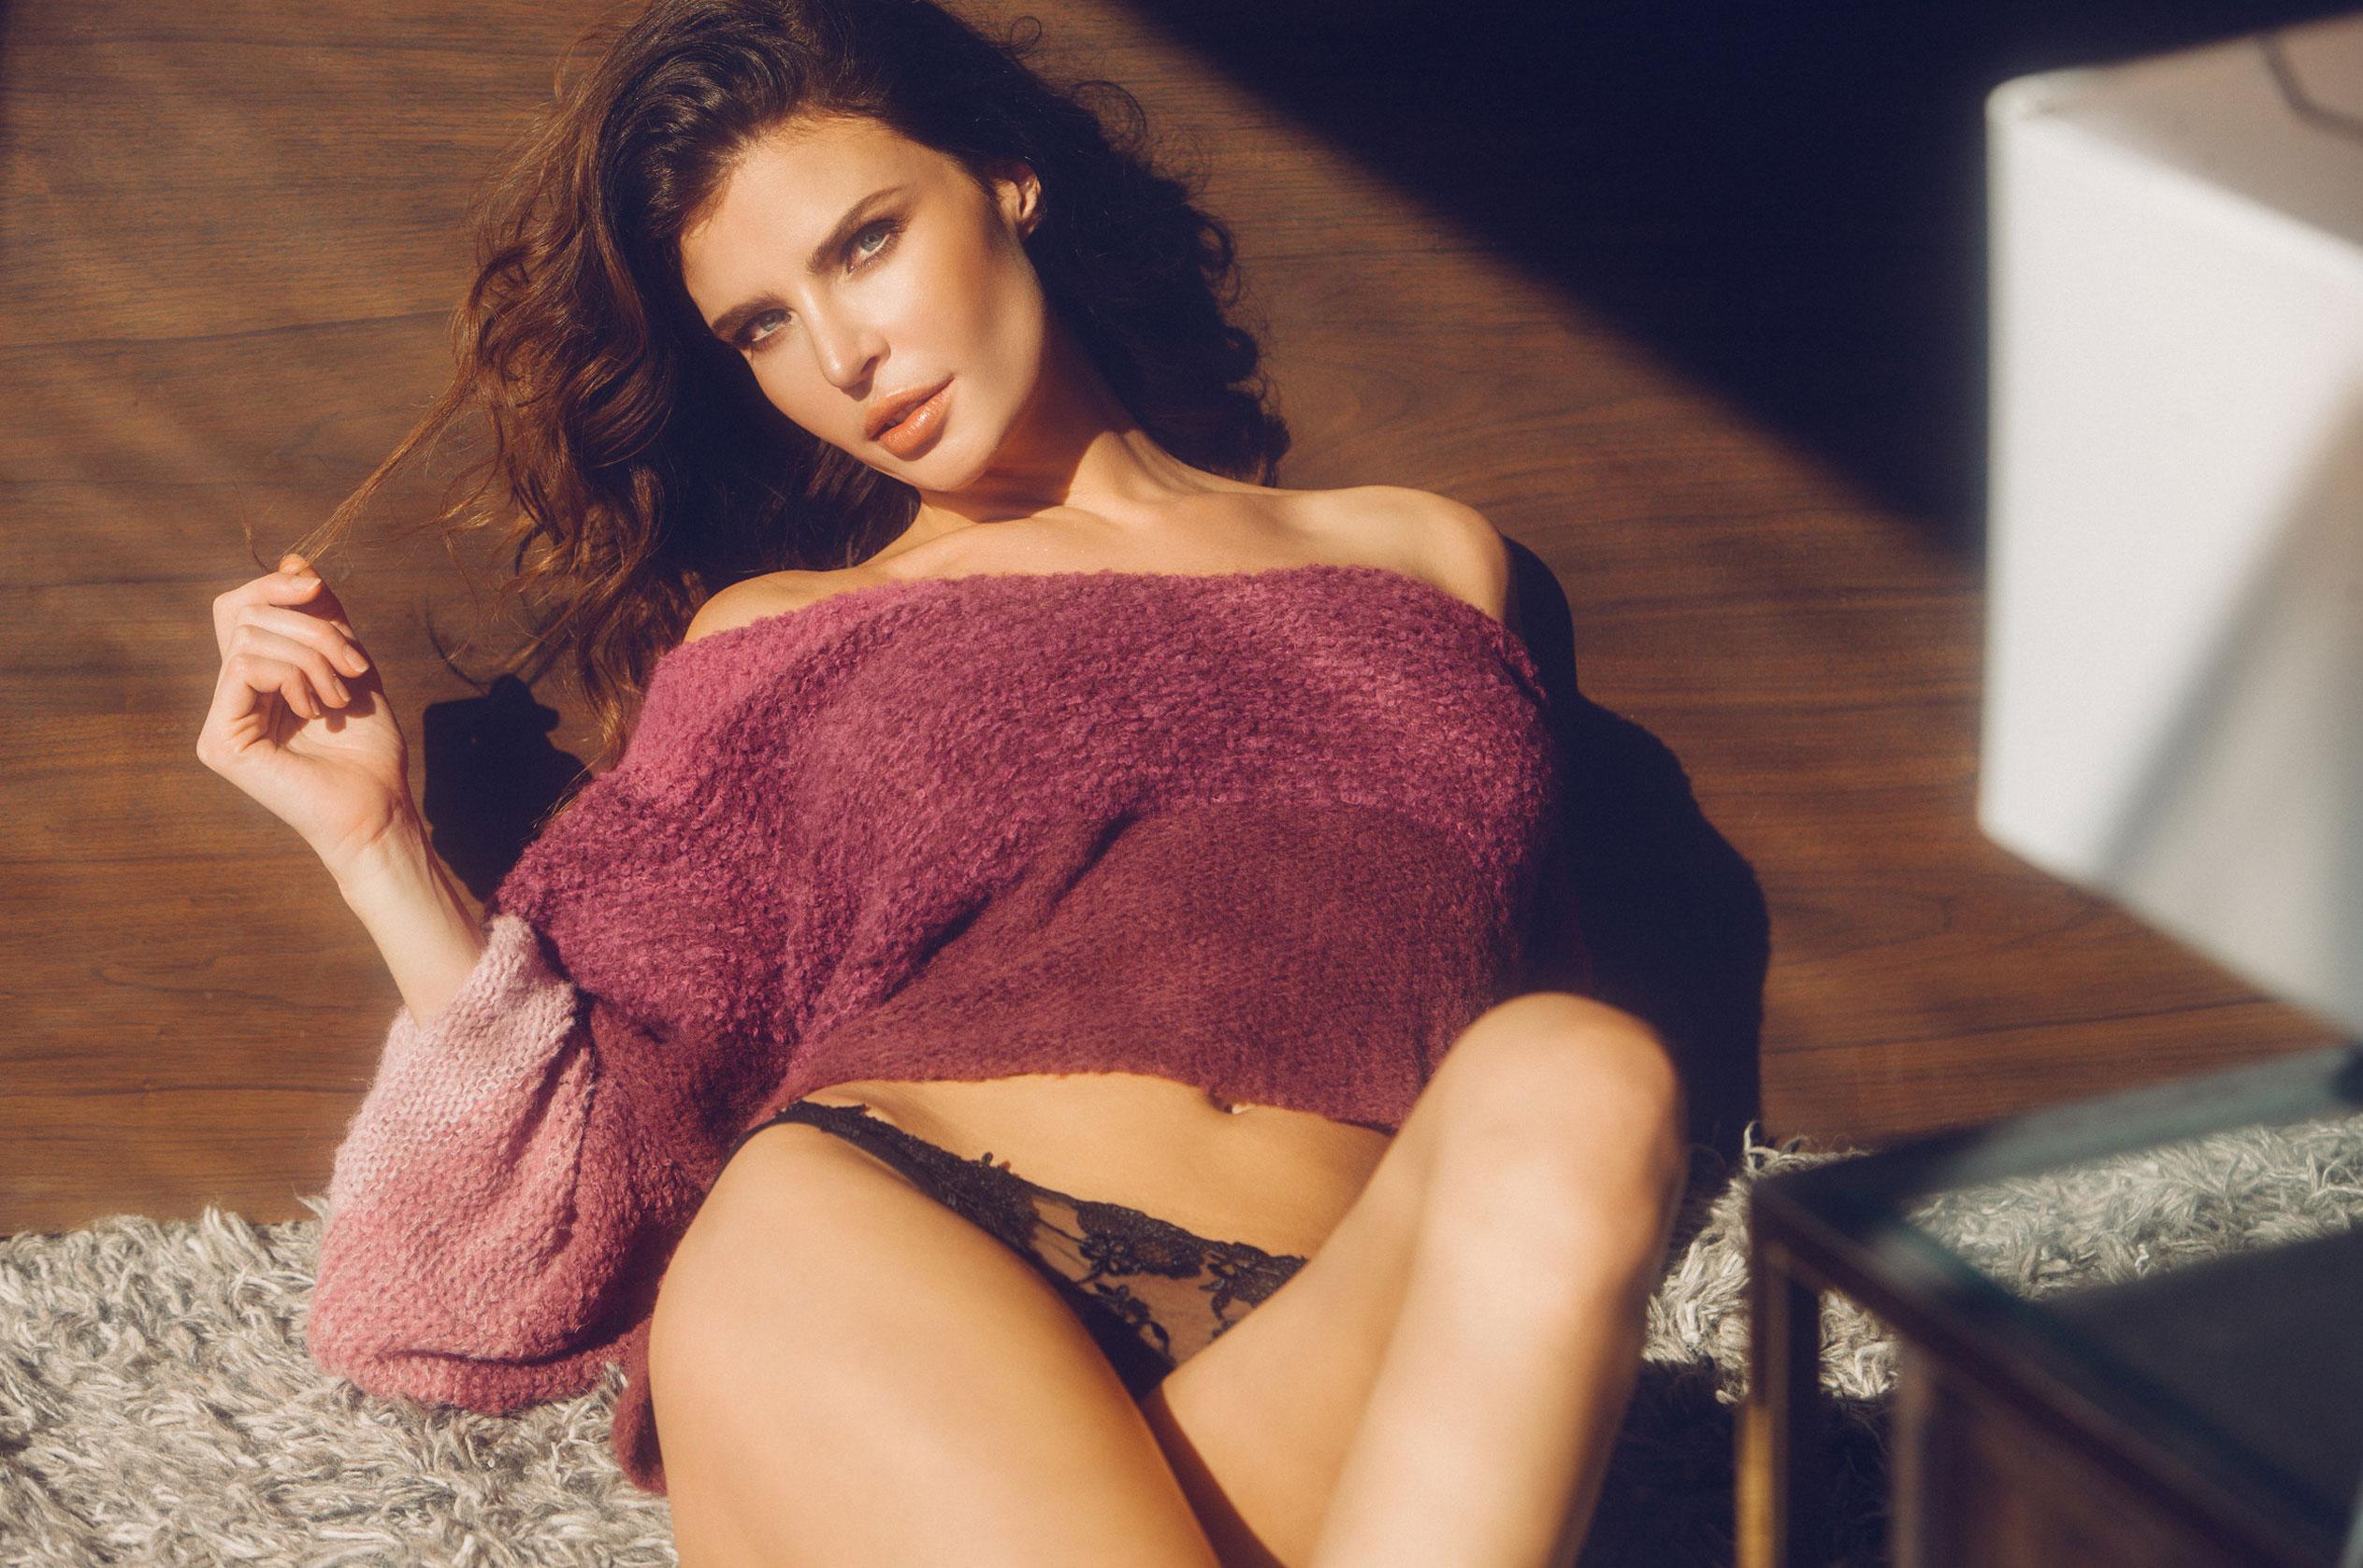 Юлия Лескова в люксовом французском нижнем белье / фото 03